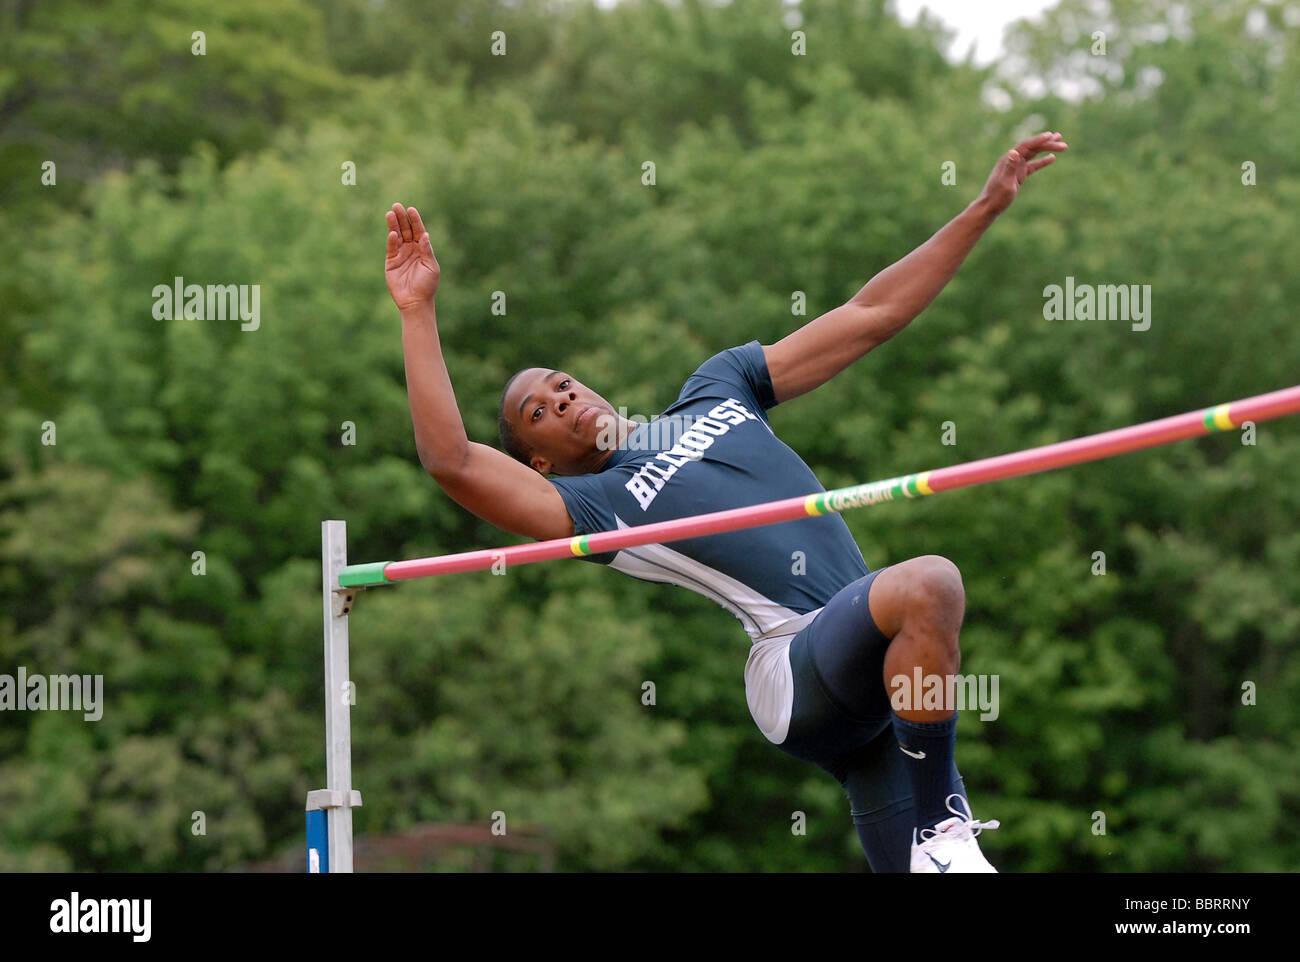 Une école athlétisme sauts sur le bar pendant le saut lors de l'État du Connecticut Piste Championnat Photo Stock